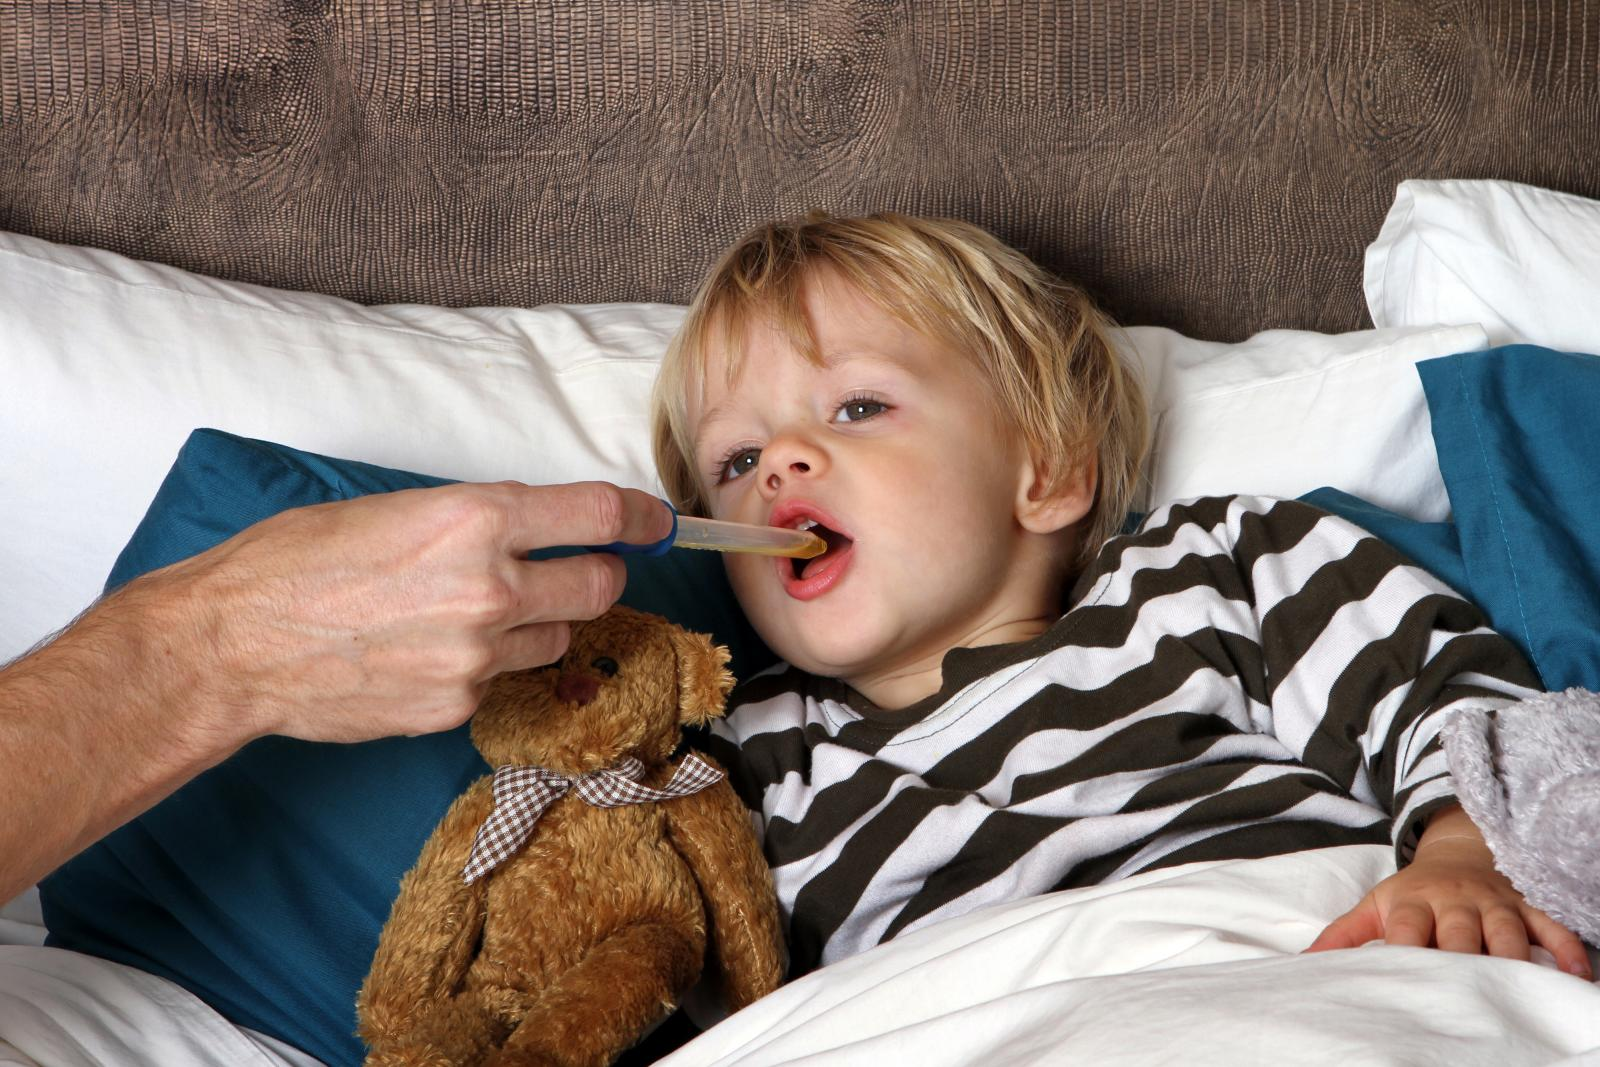 Ako ne želite uvijek posezati za lijekovima, kod nekih lakših bolesti možete olakšati djetetu s ljekovitim biljem.